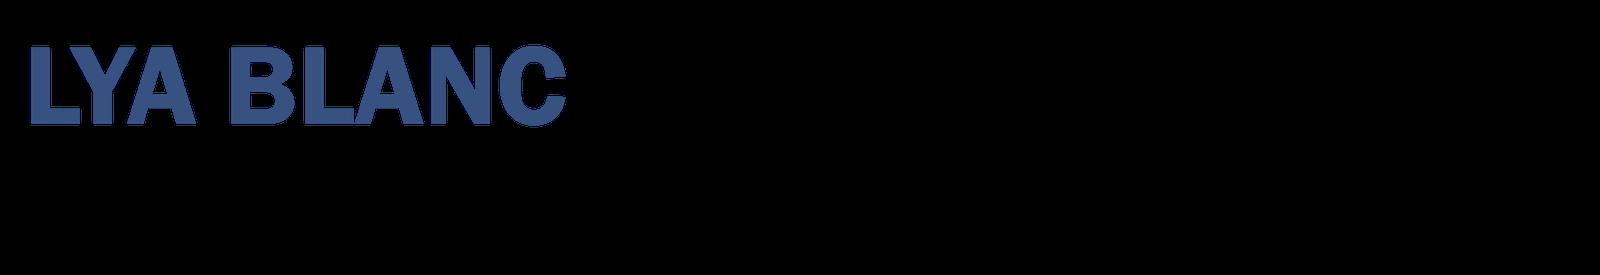 Lya Blanc